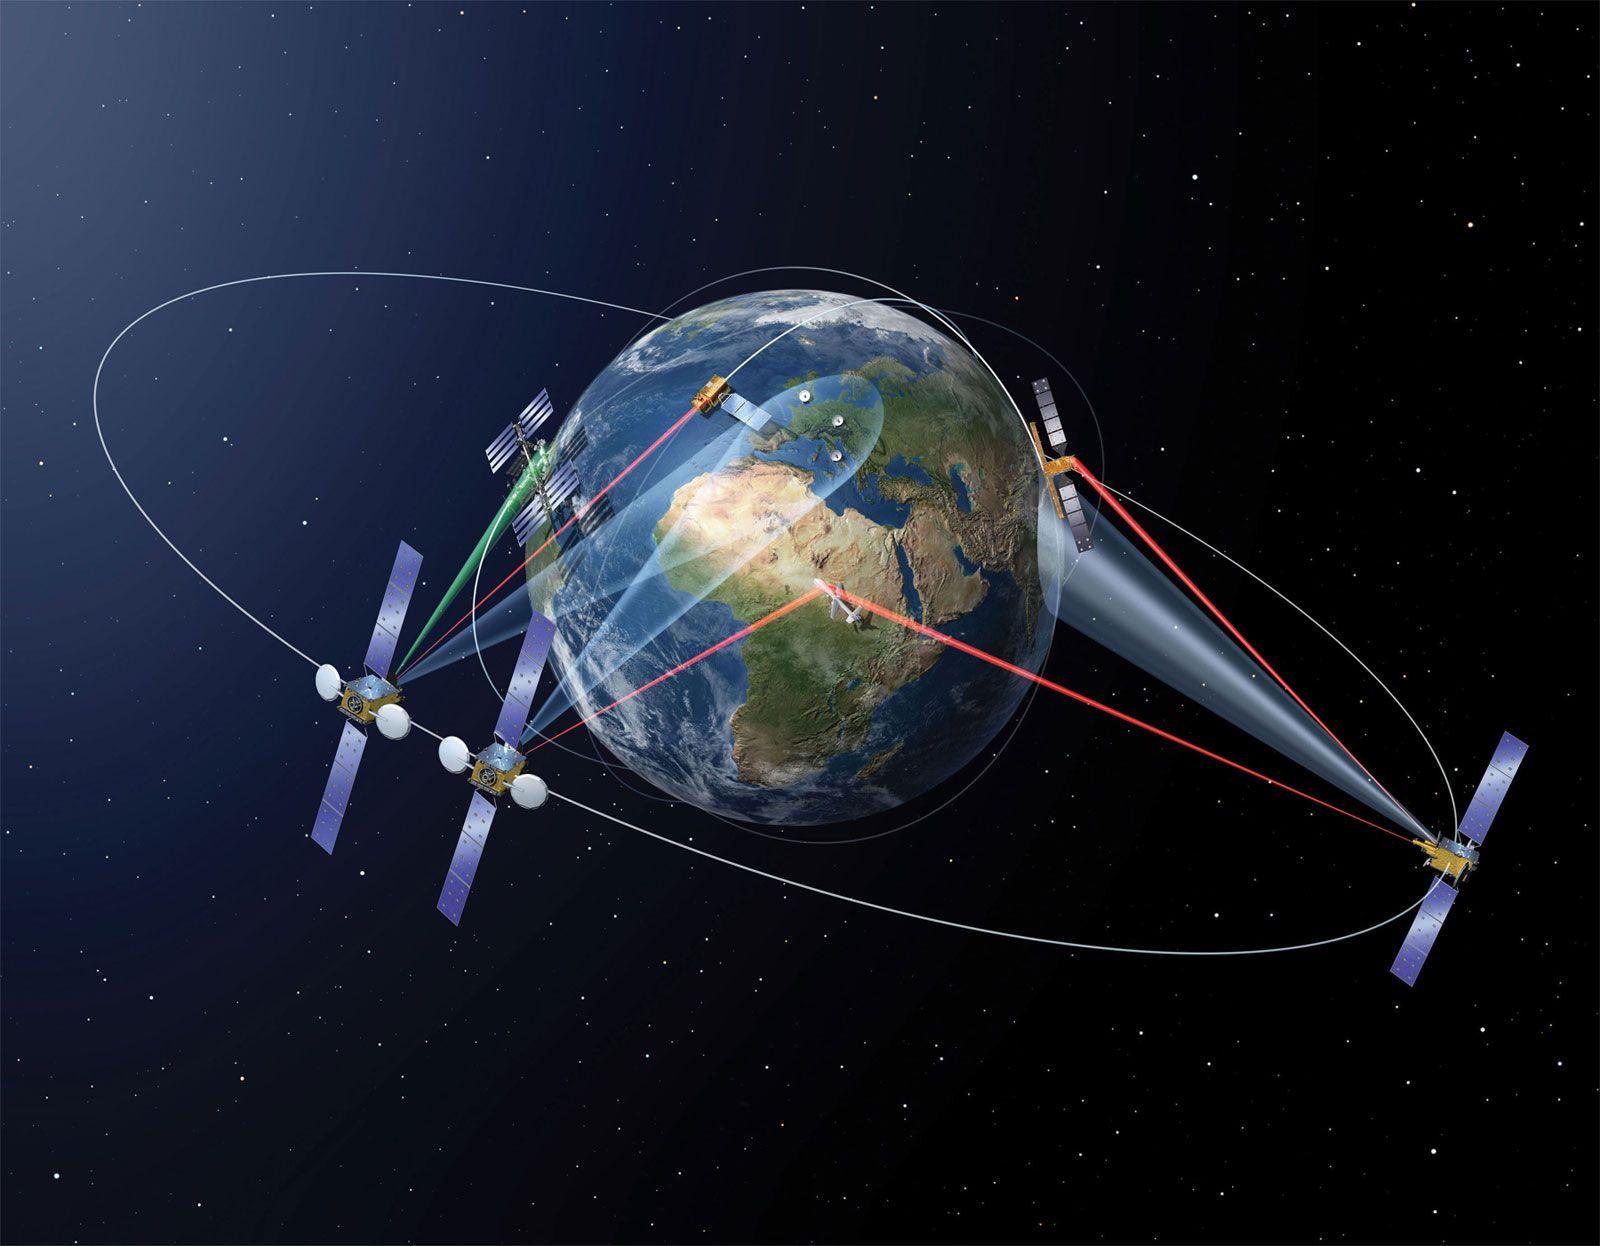 Bientôt le très haut débit entre satellites